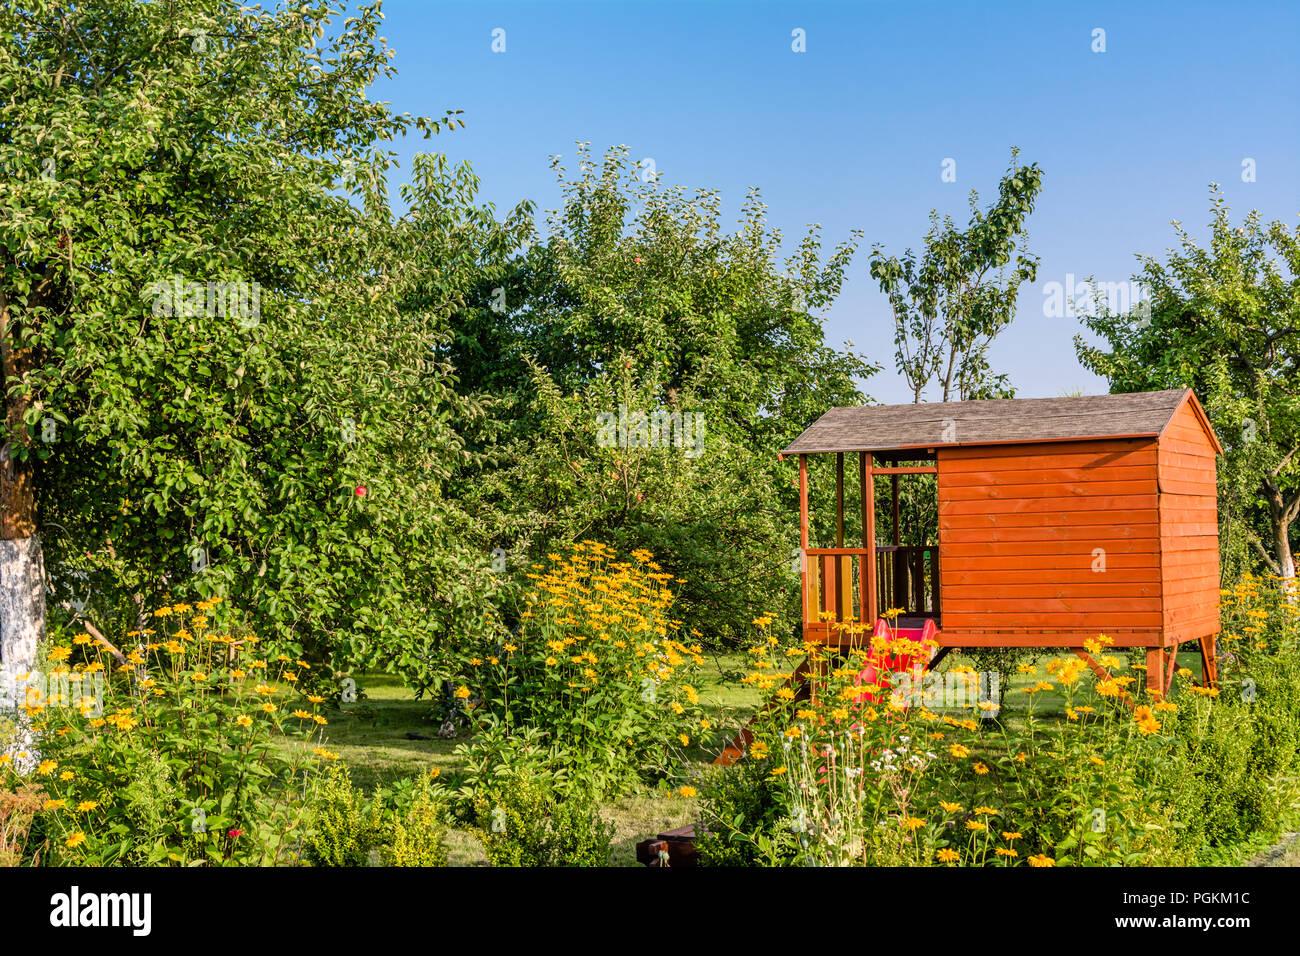 Sommer Kinder Haus Im Grünen Garten Mit Blumen Playhouse Ferienhaus